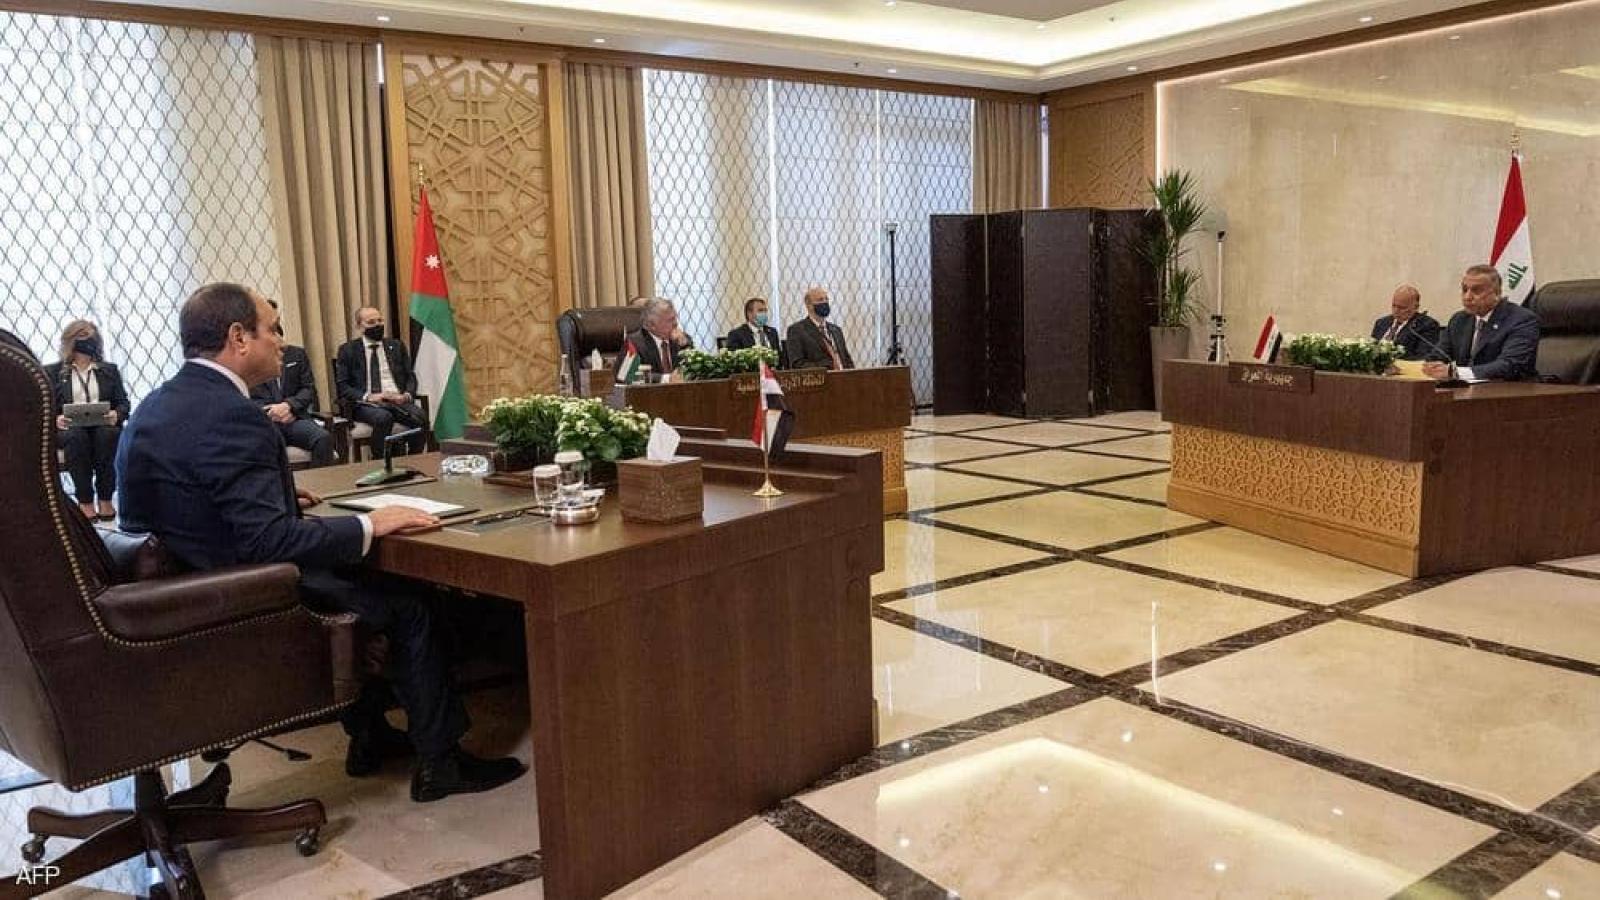 Hội nghị trưởng định Ai Cập, Iraq và Jordan bàn về dự án kinh tế khổng lồ